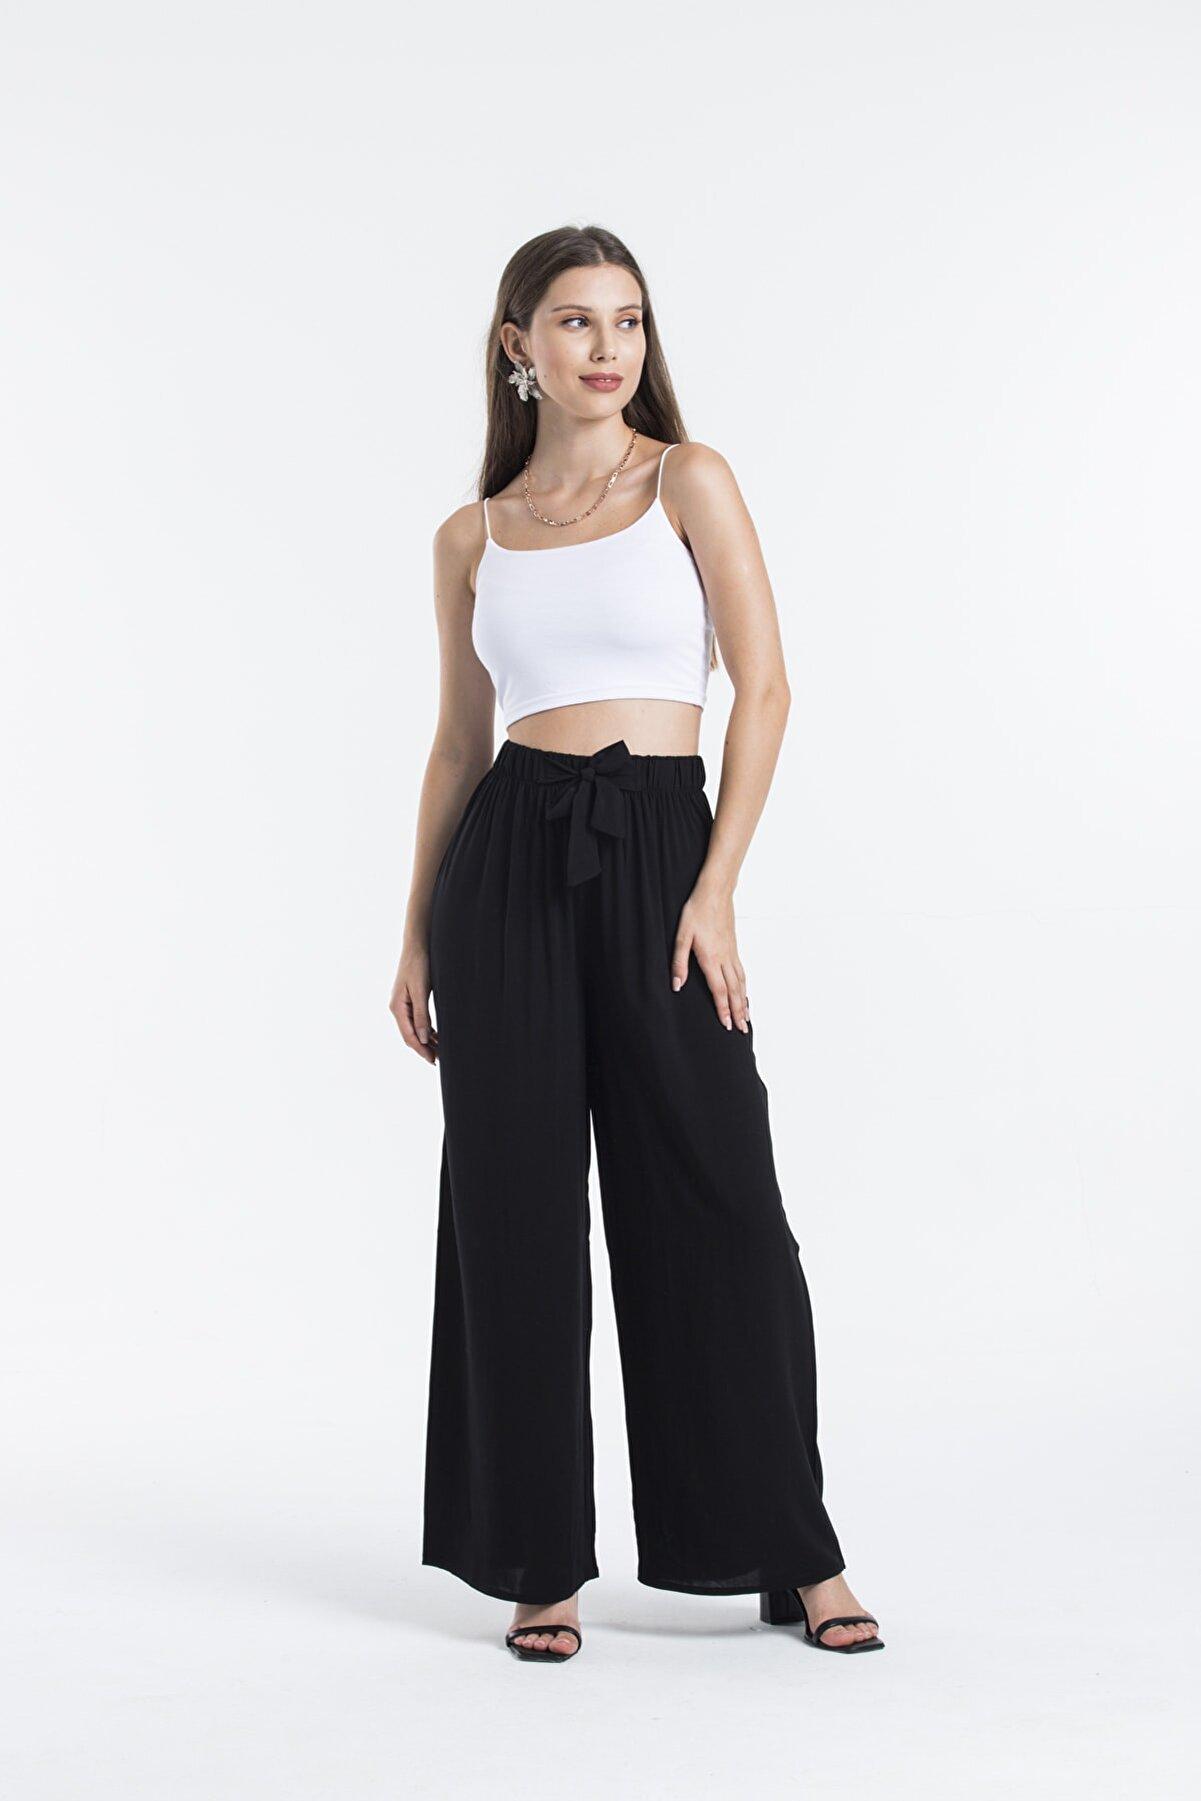 modavingo Kadın Siyah Bol Kesim Bağlama Detaylı Pantolon